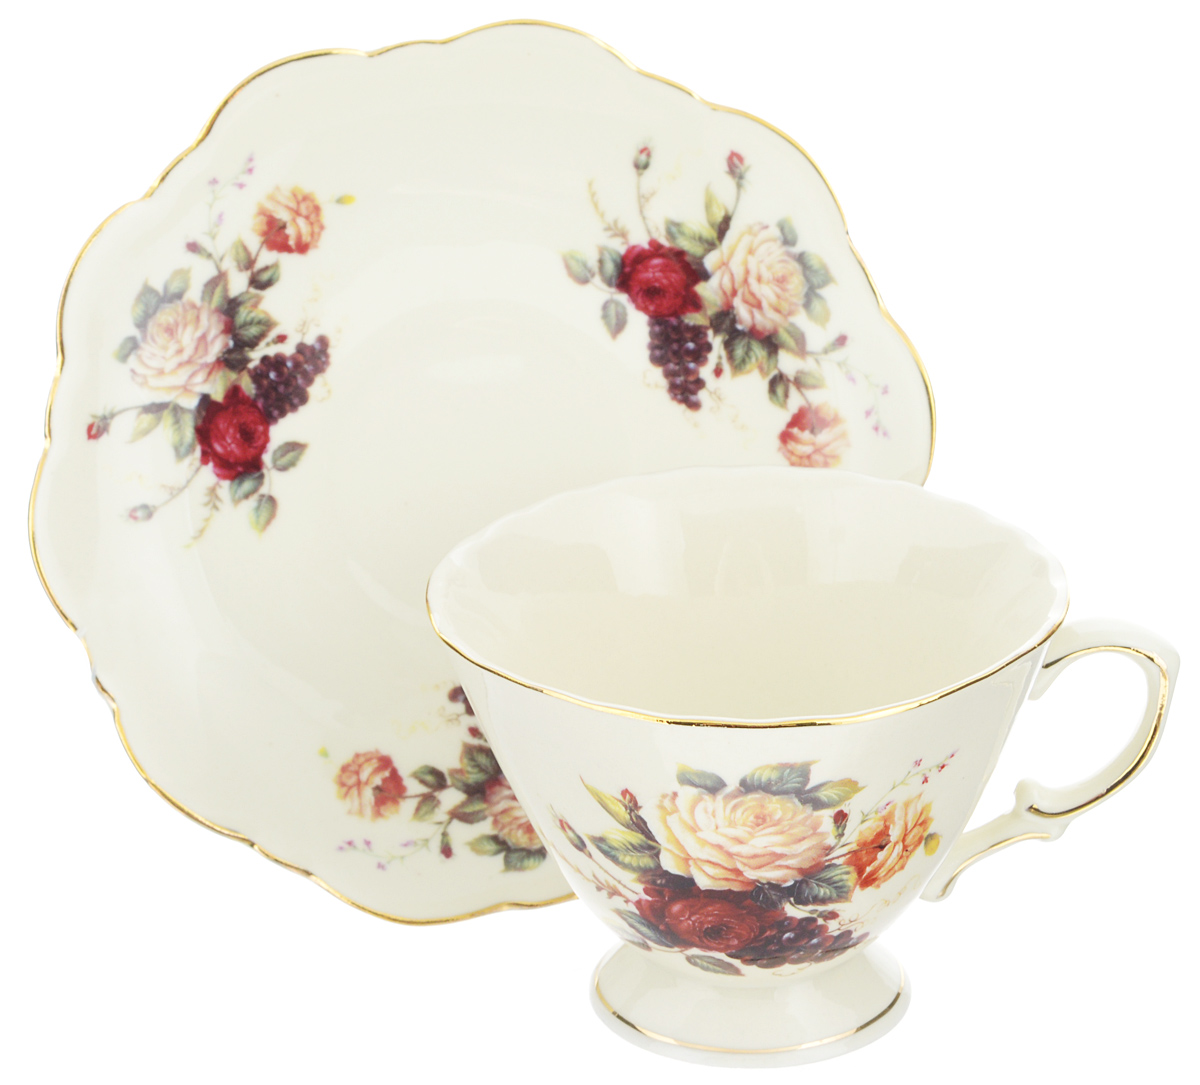 Чайная пара Elan Gallery Бархатный нектар, цвет: бежевый, розовый, 2 предметаVT-1520(SR)Чайная пара Elan Gallery Бархатный нектар состоит из чашки и блюдца, изготовленных из керамики высшего качества, отличающейся необыкновенной прочностью и небольшим весом. Яркий дизайн, несомненно, придется вам по вкусу.Чайная пара украсит ваш кухонный стол, а также станет замечательным подарком к любому празднику.Не рекомендуется применять абразивные моющие средства. Не использовать в микроволновой печи.Объем чашки: 230 мл.Диаметр чашки (по верхнему краю): 10 см.Высота чашки: 7,5 см.Диаметр блюдца (по верхнему краю): 15,5 см.Высота блюдца: 2 см.